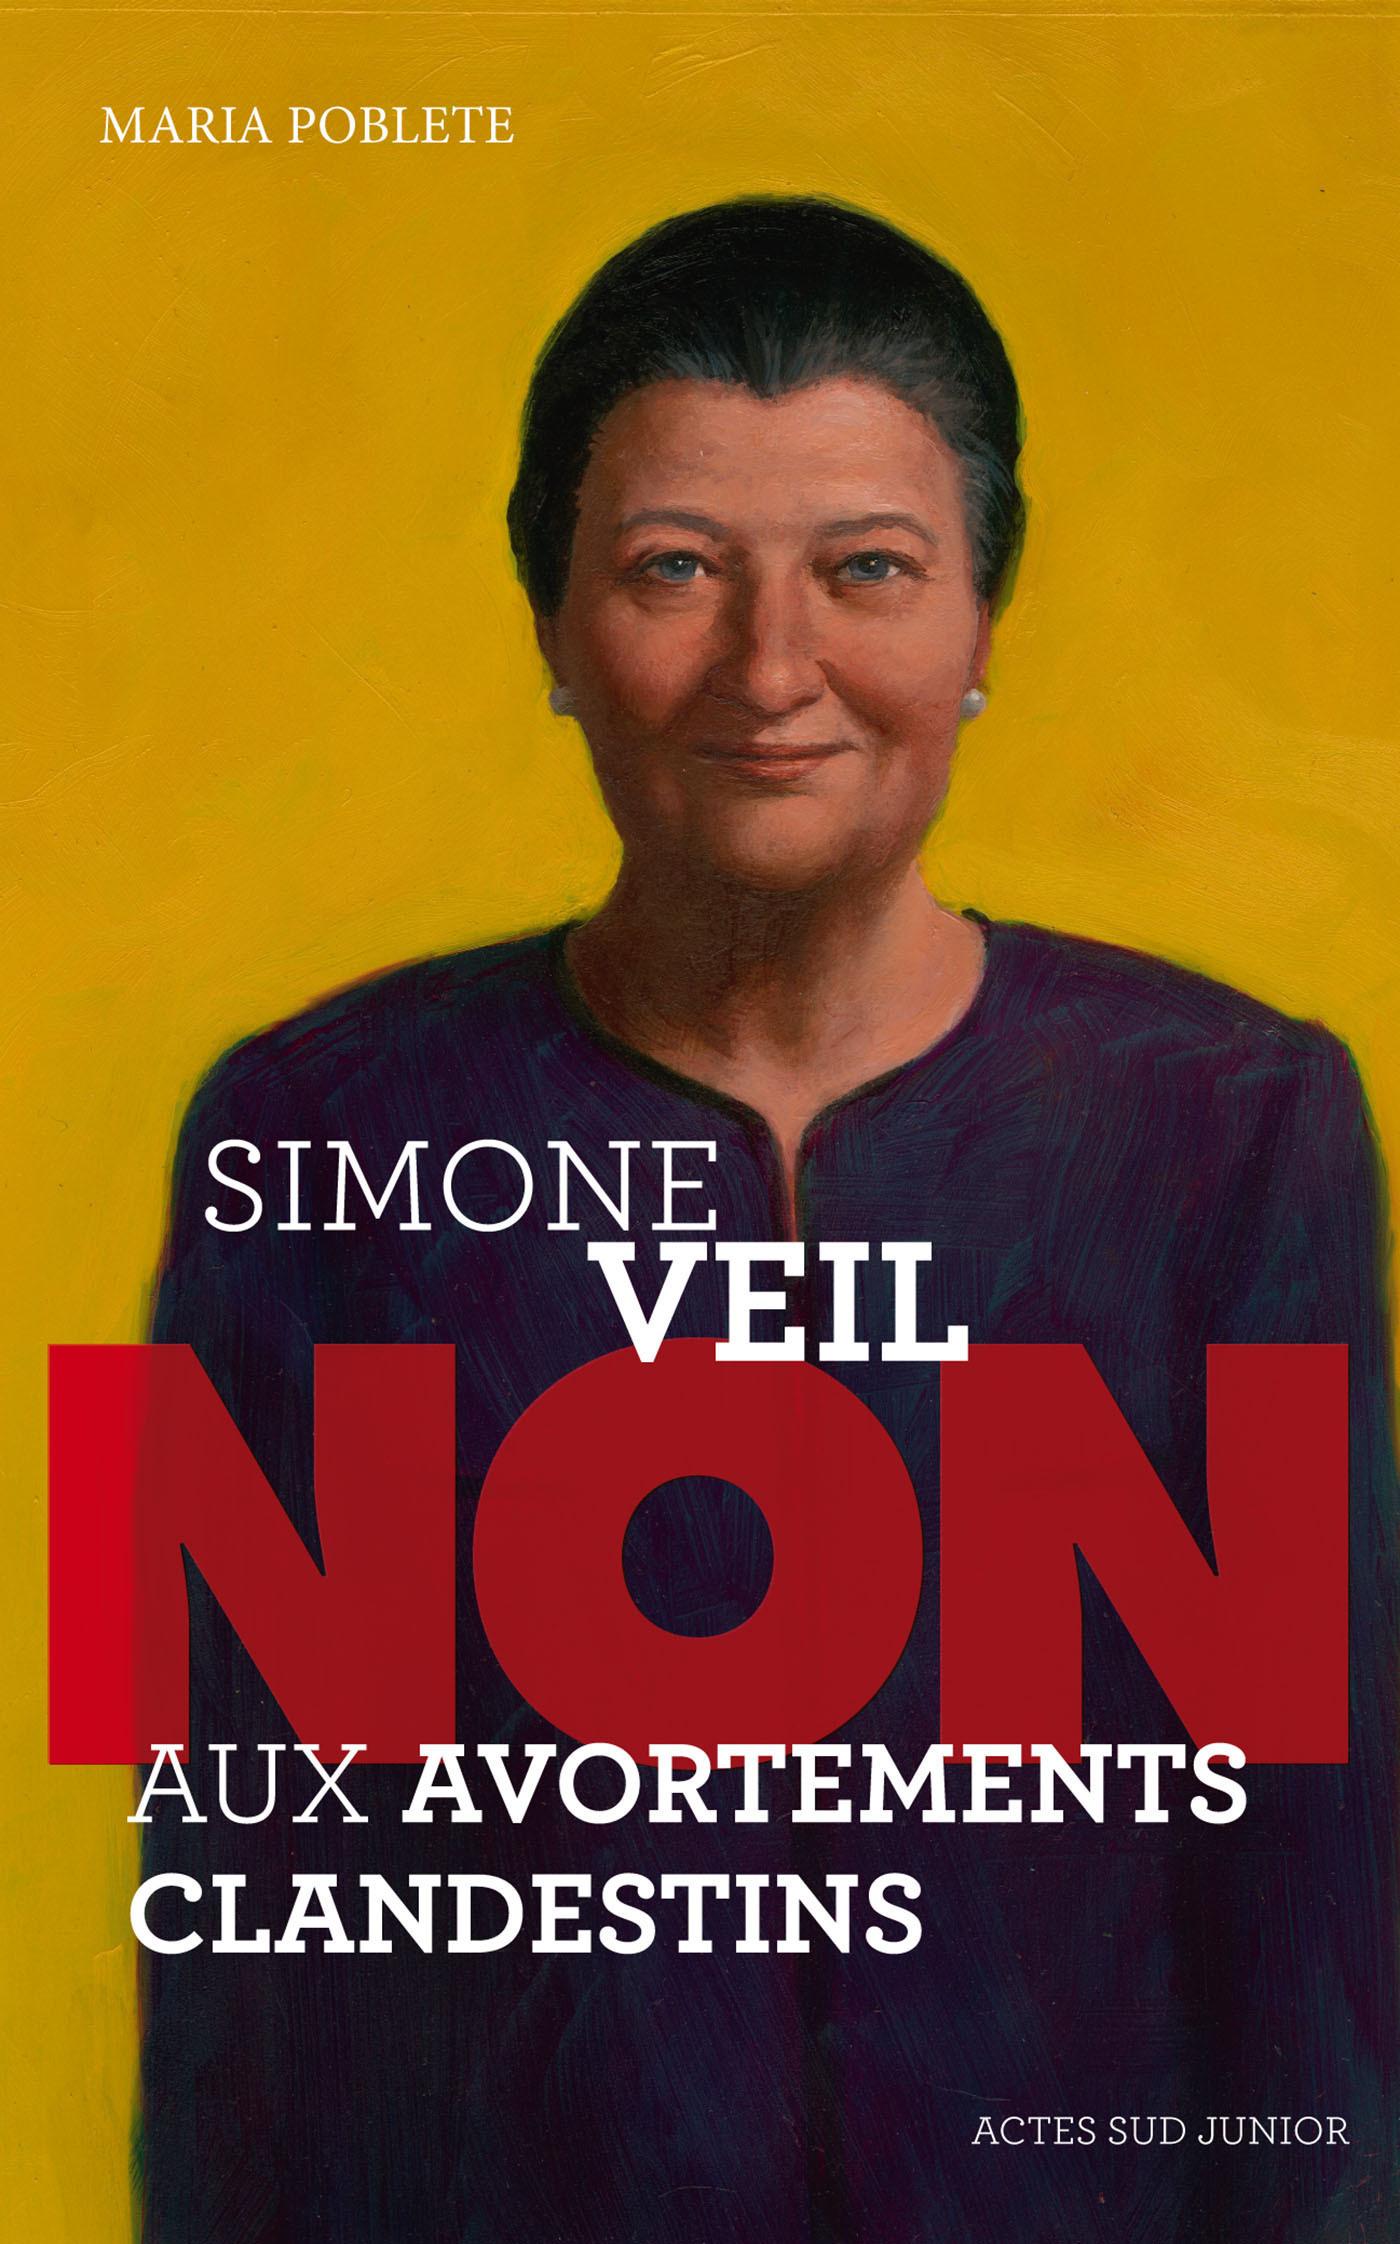 Couverture : Simone Veil : Non aux Avortements Clandestins Maria Poblete